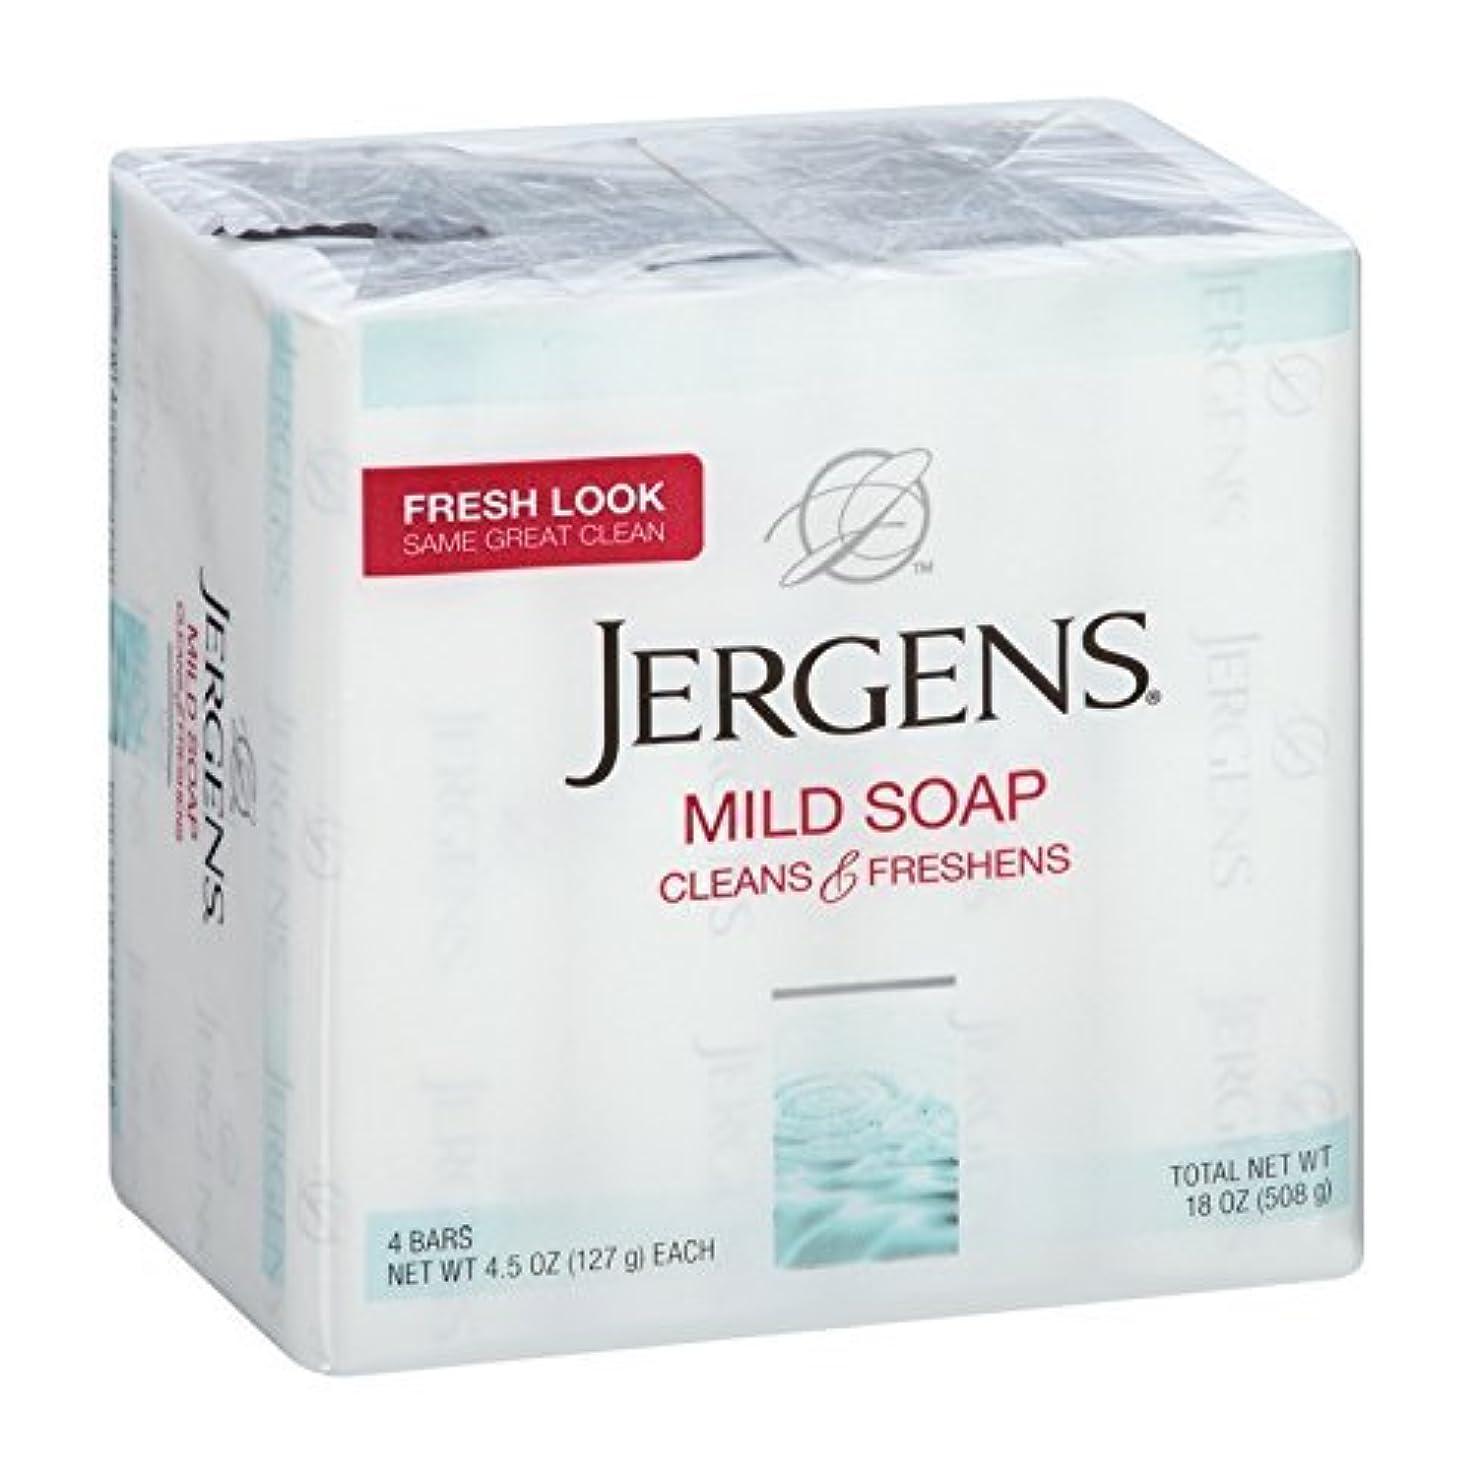 永続バット半ばJergens マイルドソープきれいに&フレッシュ4つのバー、4.5オズ(2パック) 2パック